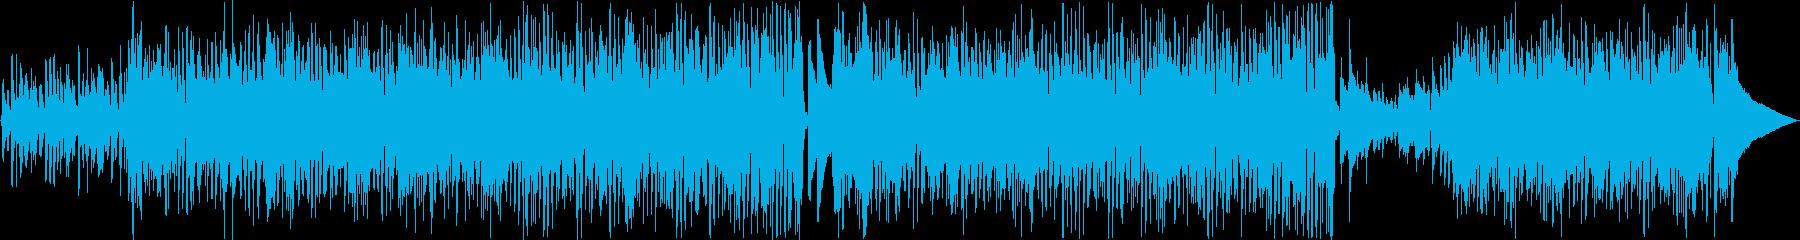 シンプルで遊び心あるポップなサウンドの再生済みの波形